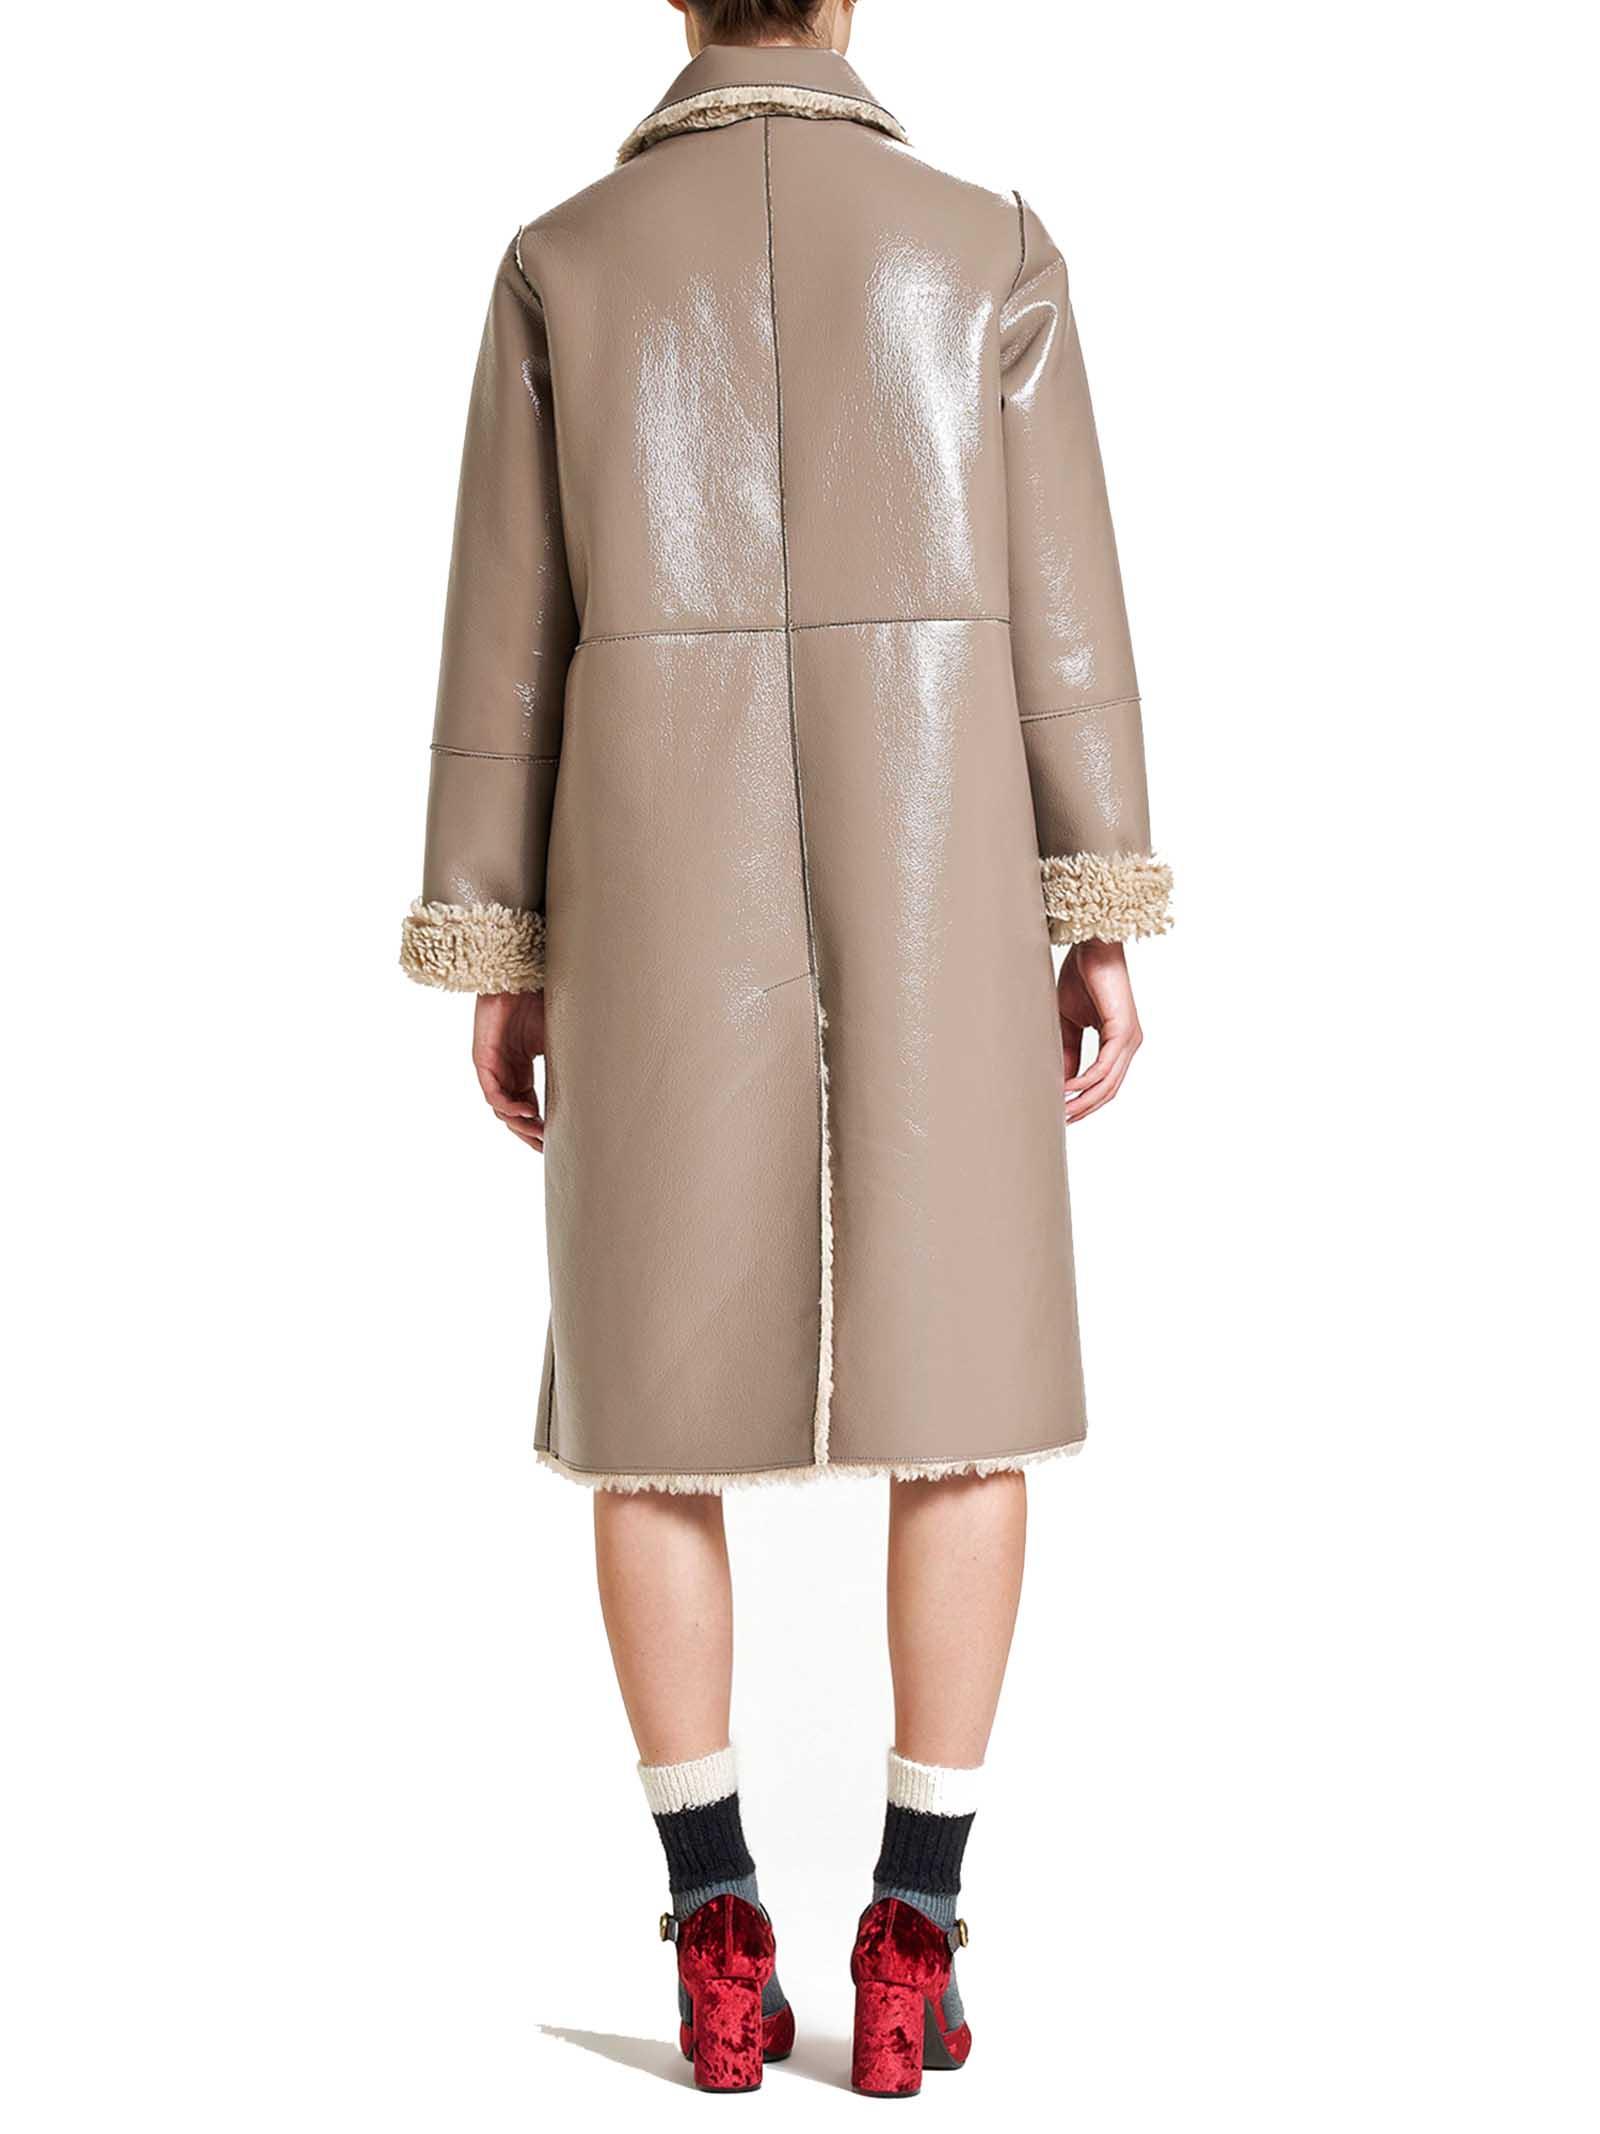 Abbigliamento Donna Cappotto Monopetto Ram Look Reversibile Beige e Panna Maliparmi | Cappotti e Giacche | JB53315056312007